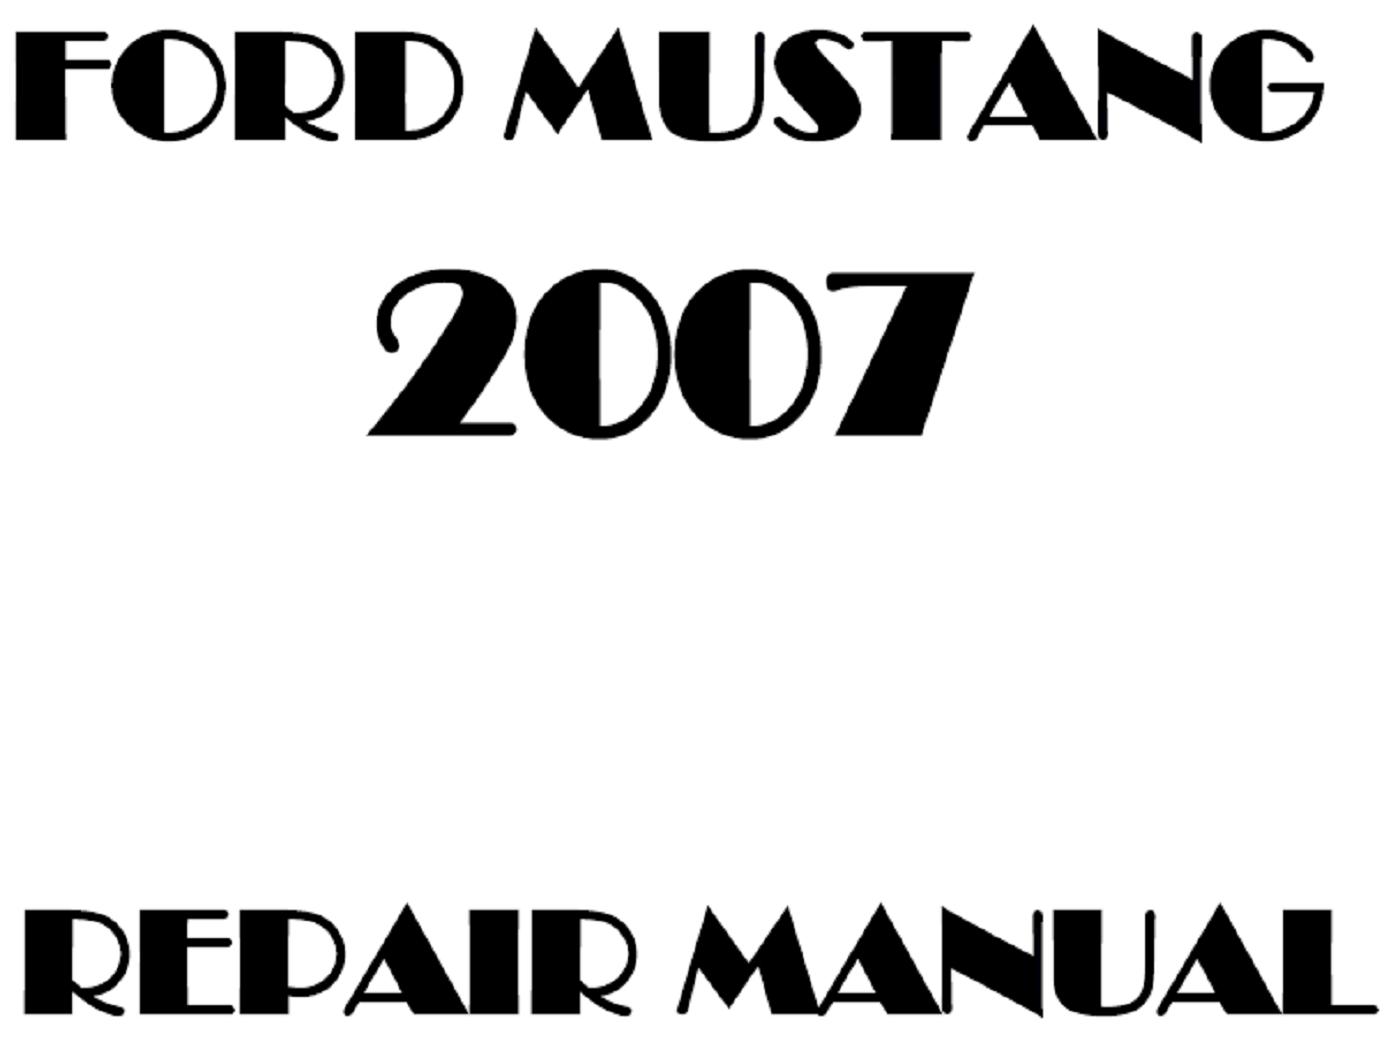 2007 Ford Mustang repair manual